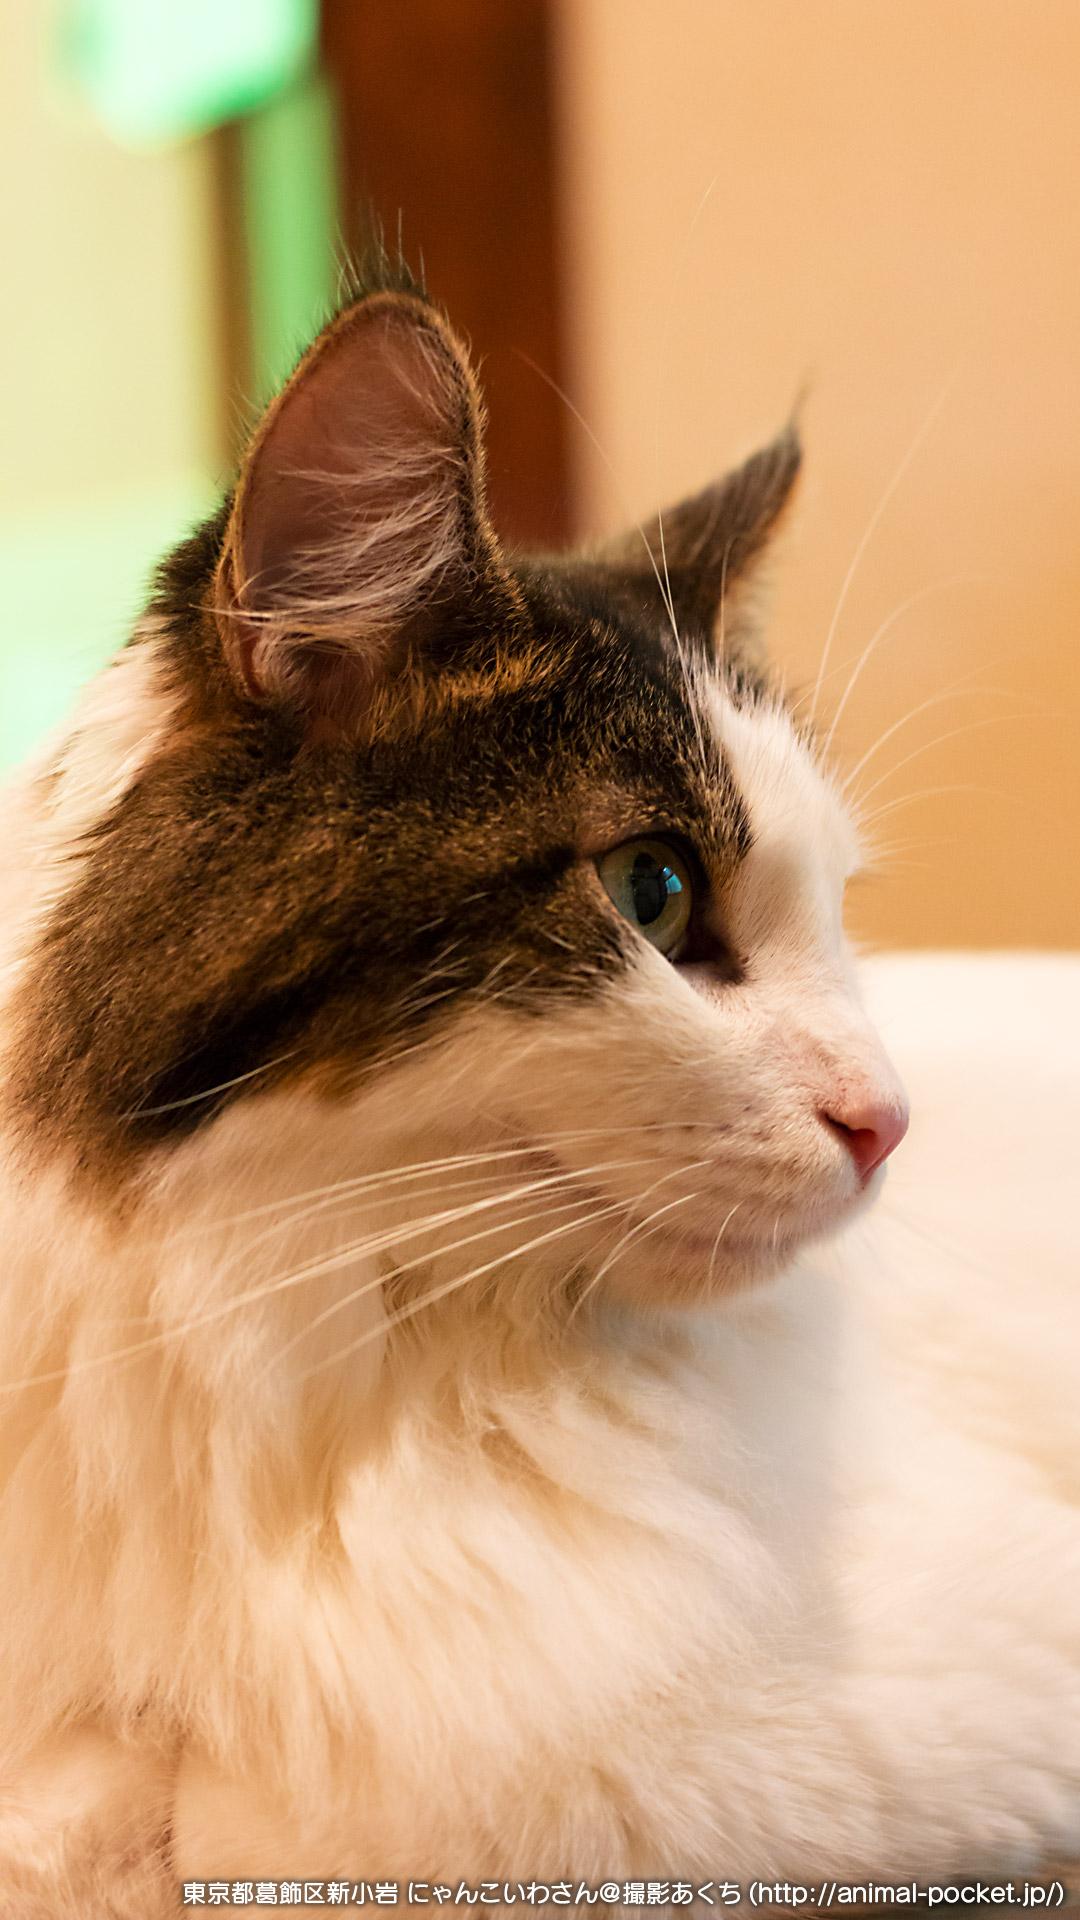 猫カフェレポート「にゃんこいわ」とおるくんアップ